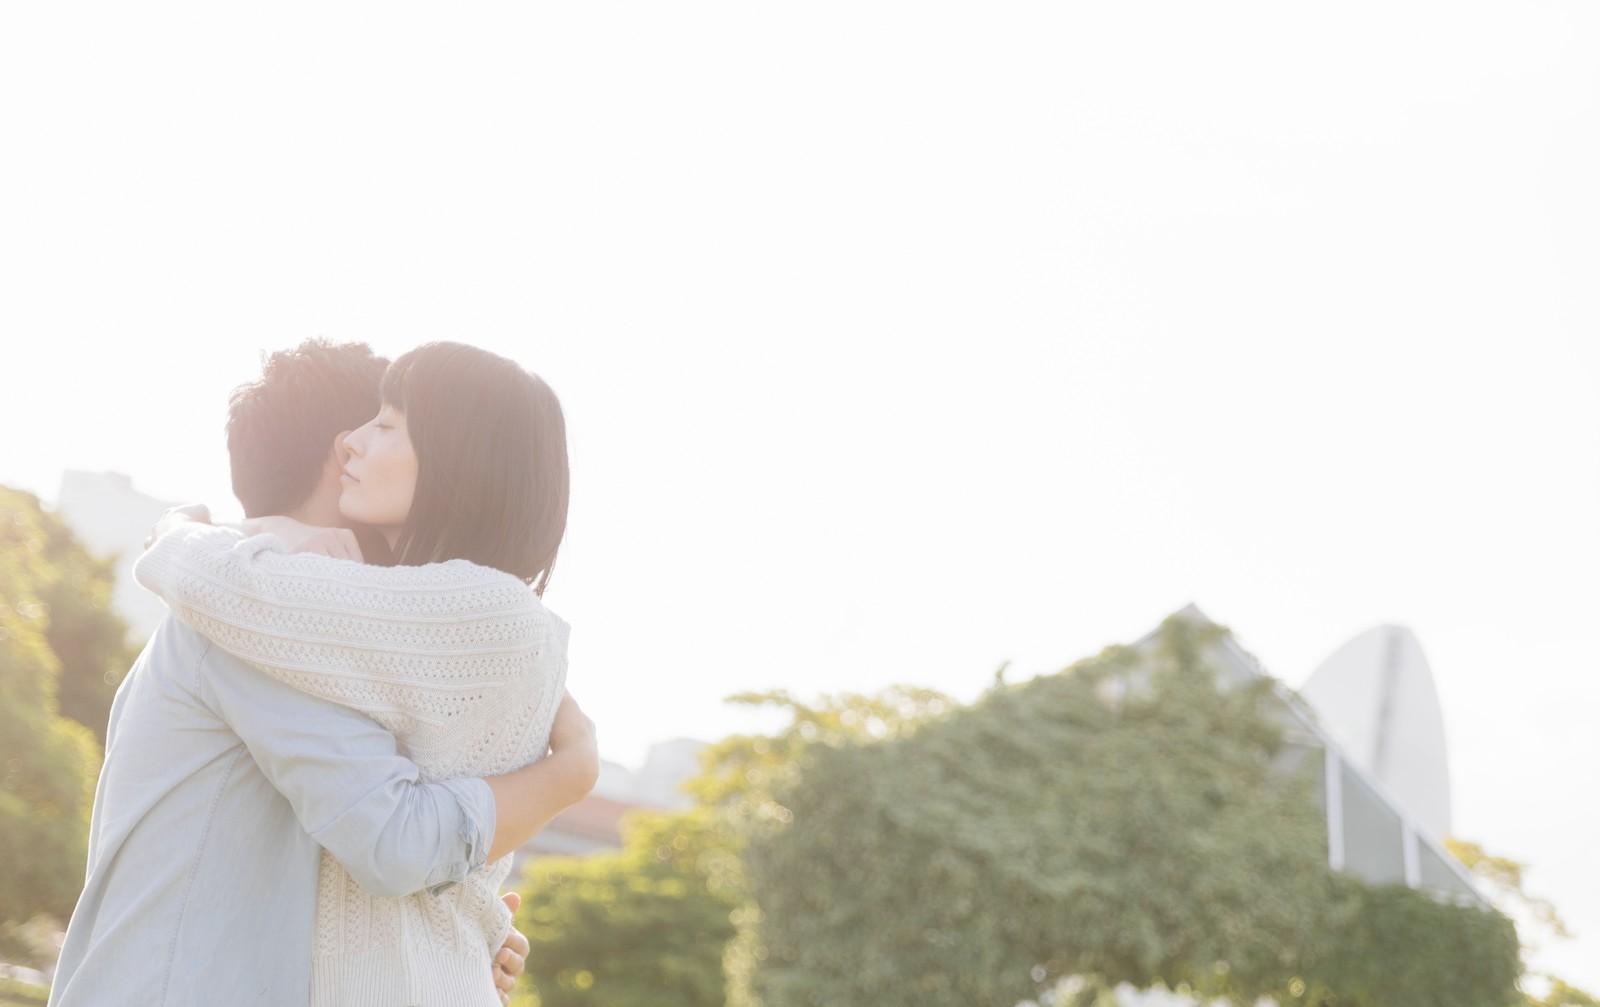 恋愛依存症の女性から男性が逃げる理由とは?美人なのに男性が逃げ出す恋愛依存症の特徴